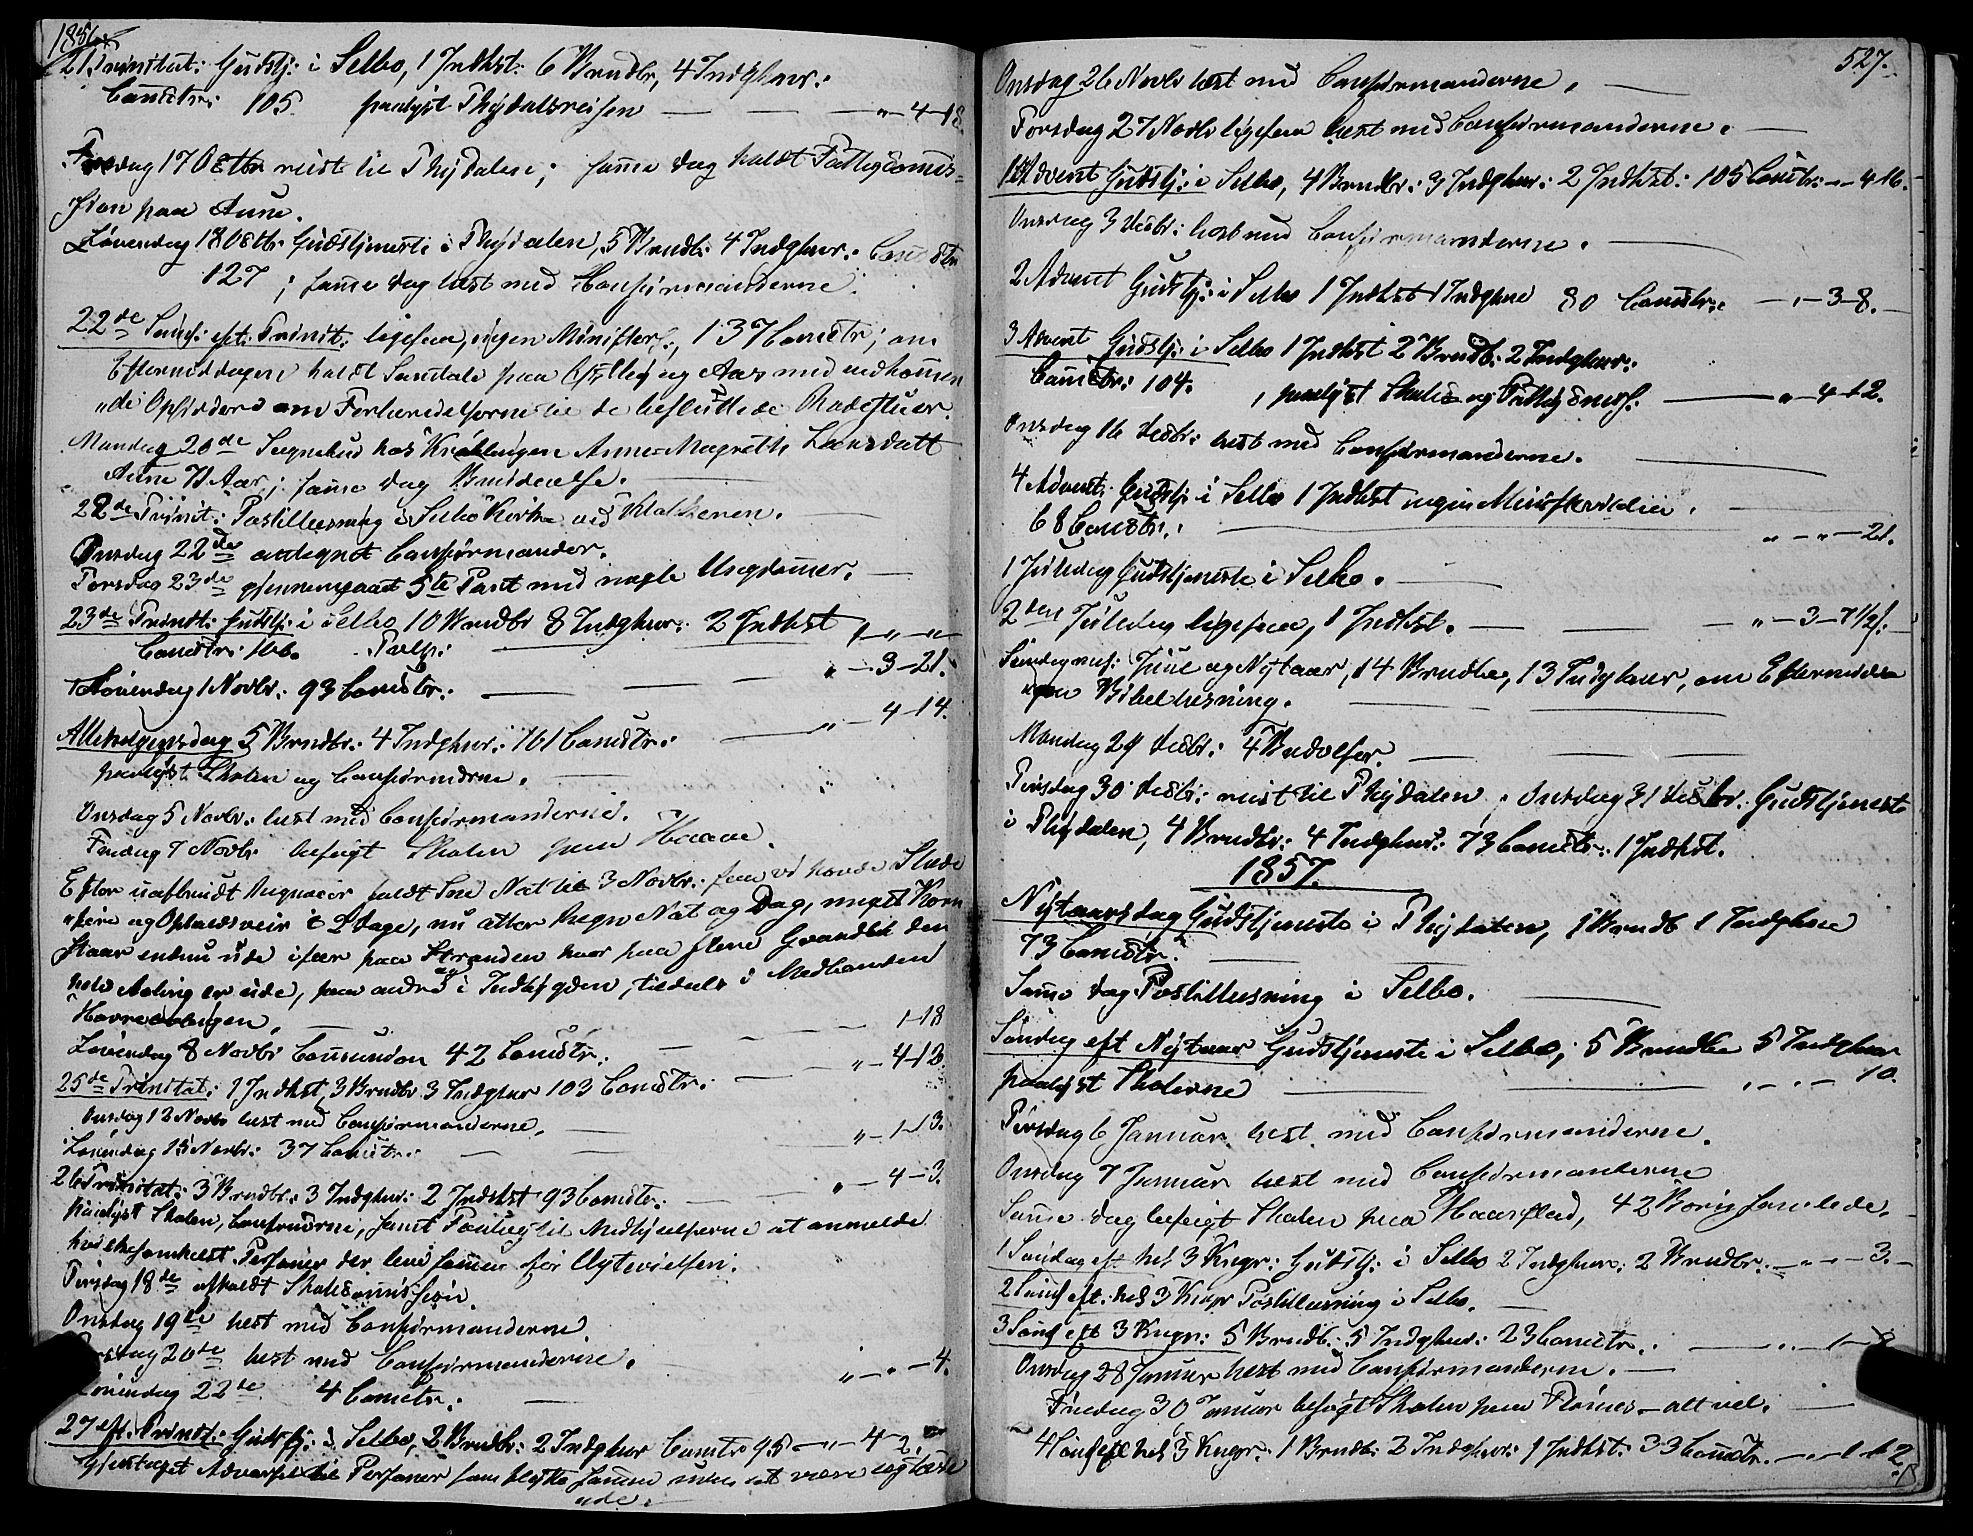 SAT, Ministerialprotokoller, klokkerbøker og fødselsregistre - Sør-Trøndelag, 695/L1145: Ministerialbok nr. 695A06 /1, 1843-1859, s. 527